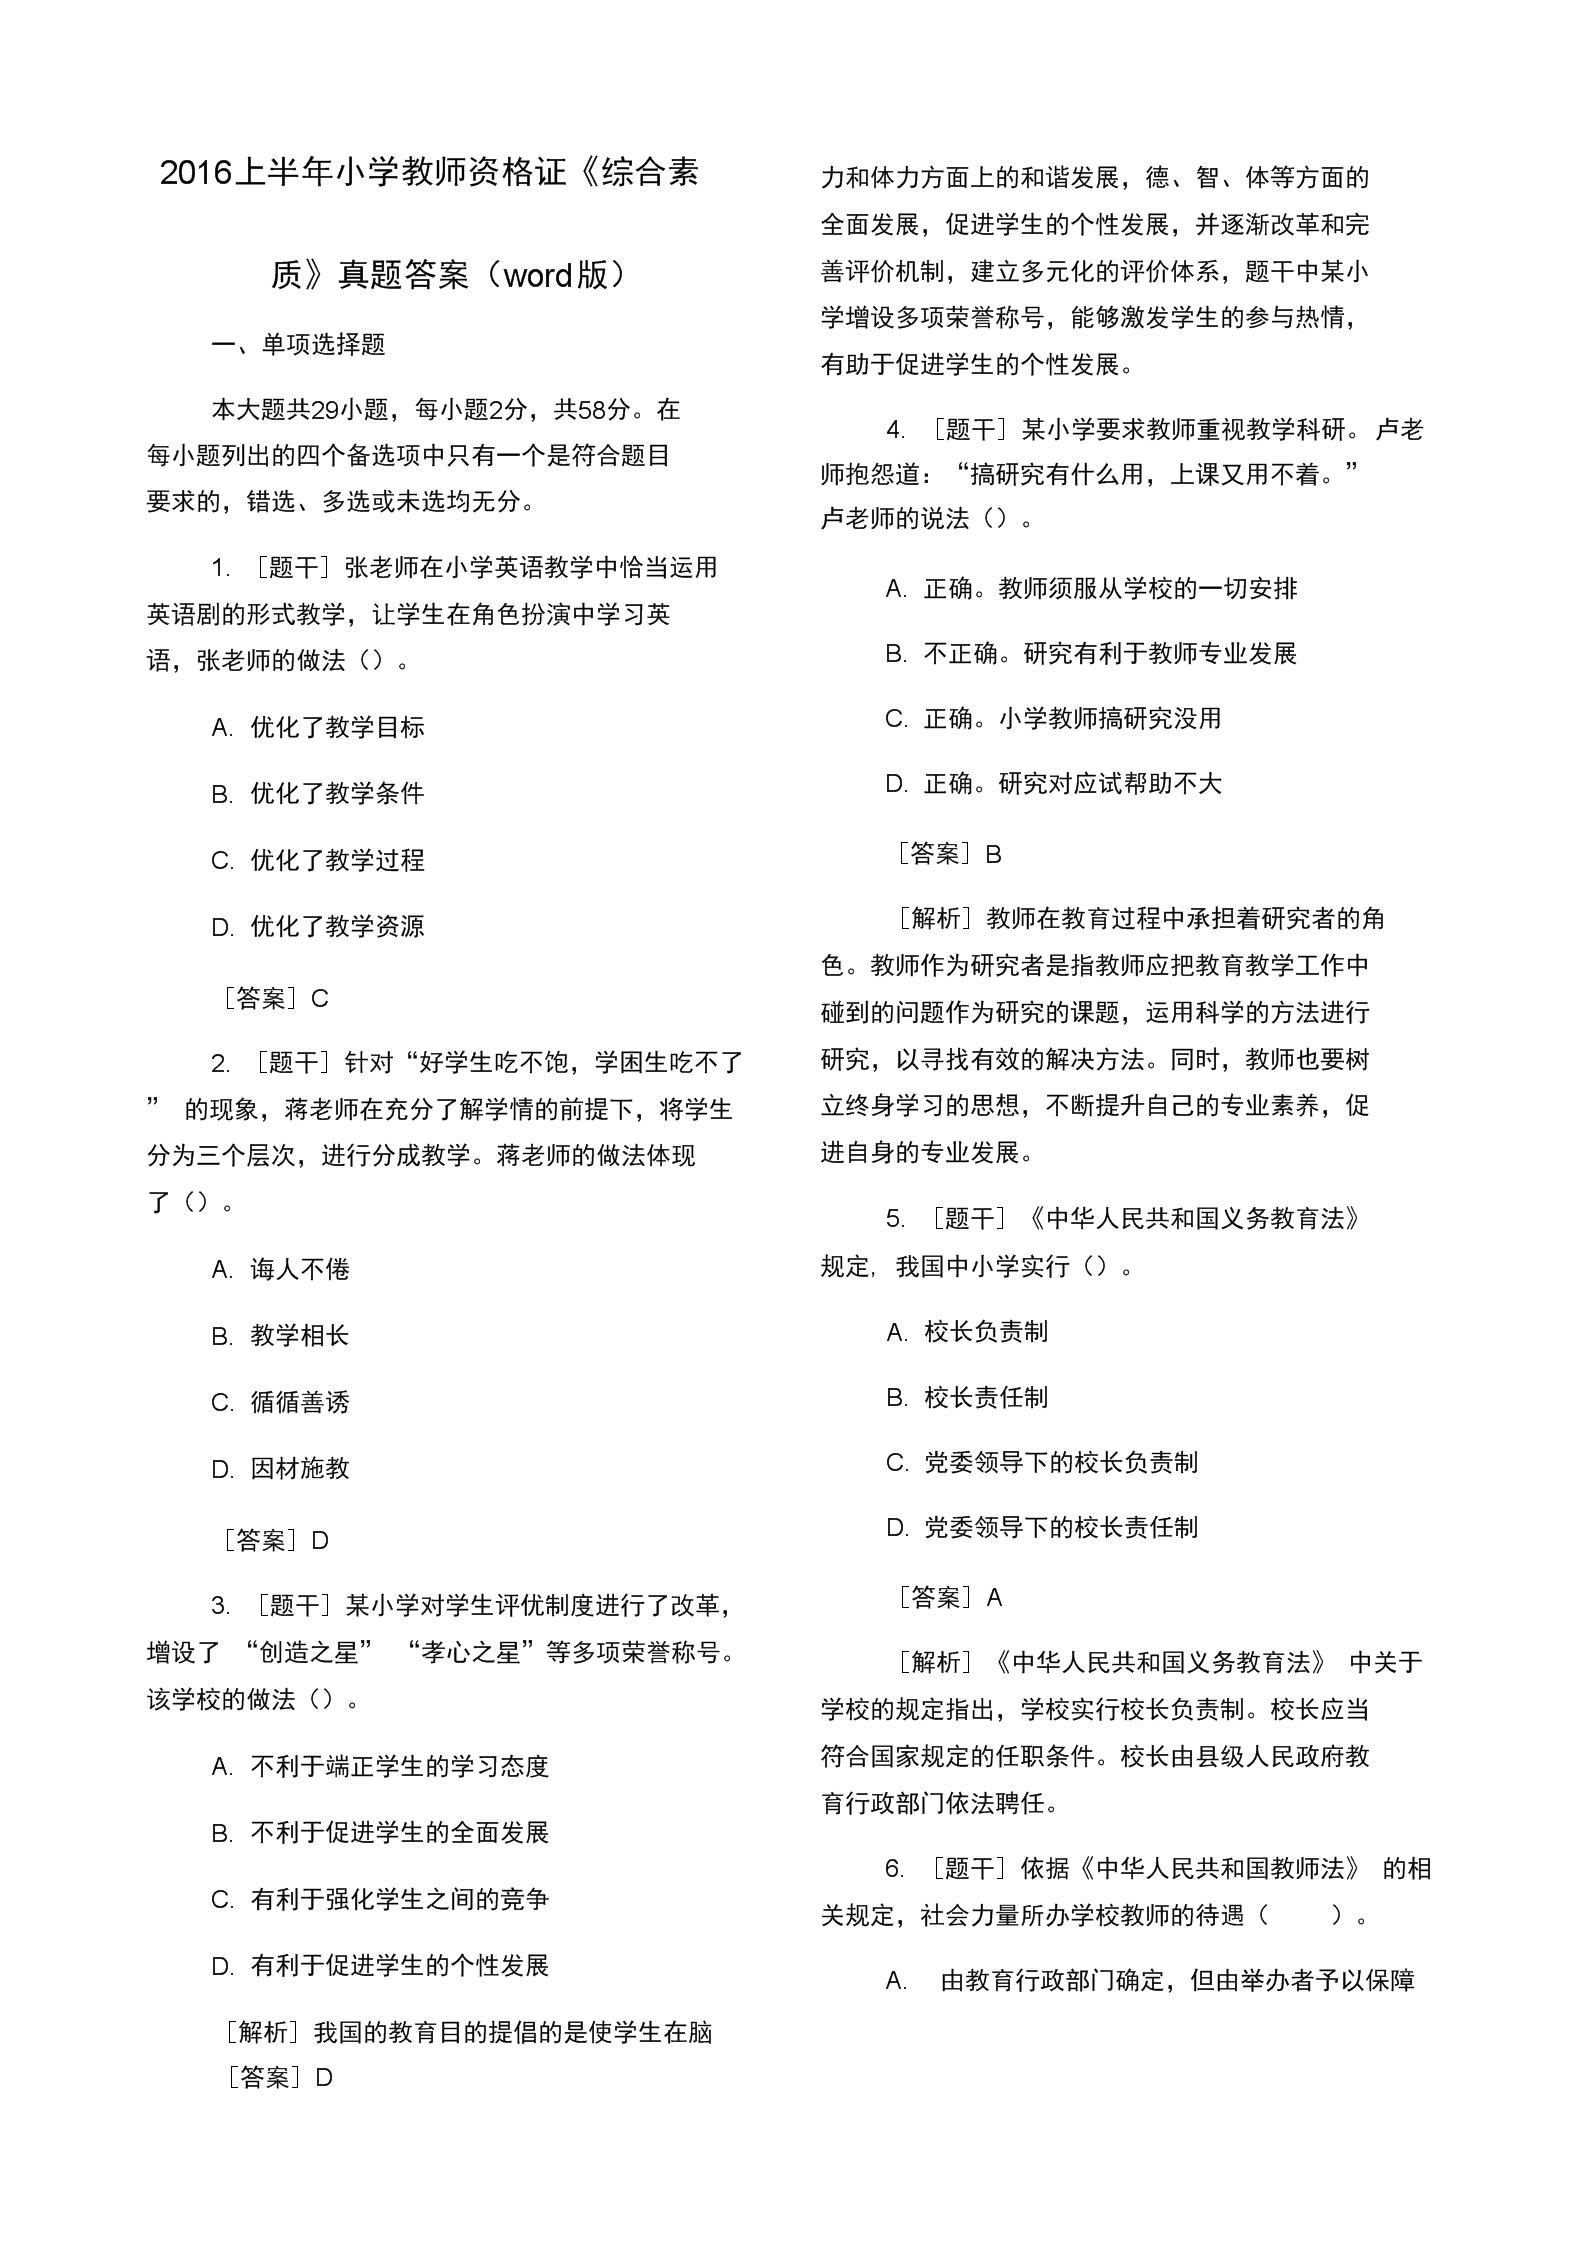 2016上半年小学教师资格证考试真题.docx